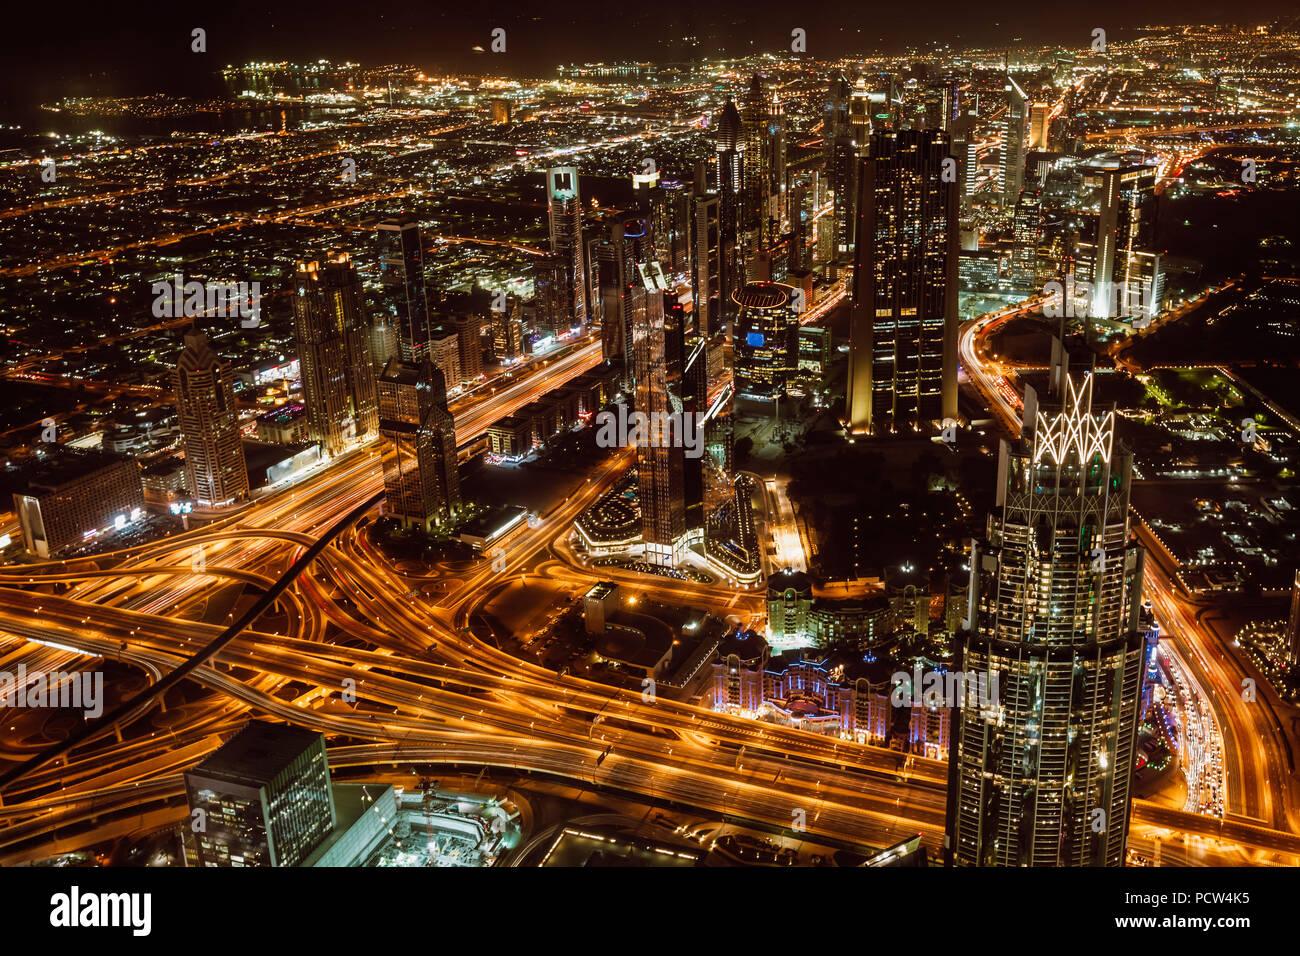 Vue aérienne du centre ville de Dubaï et gratte-ciel dans la nuit du haut de Burj Khalifa Photo Stock